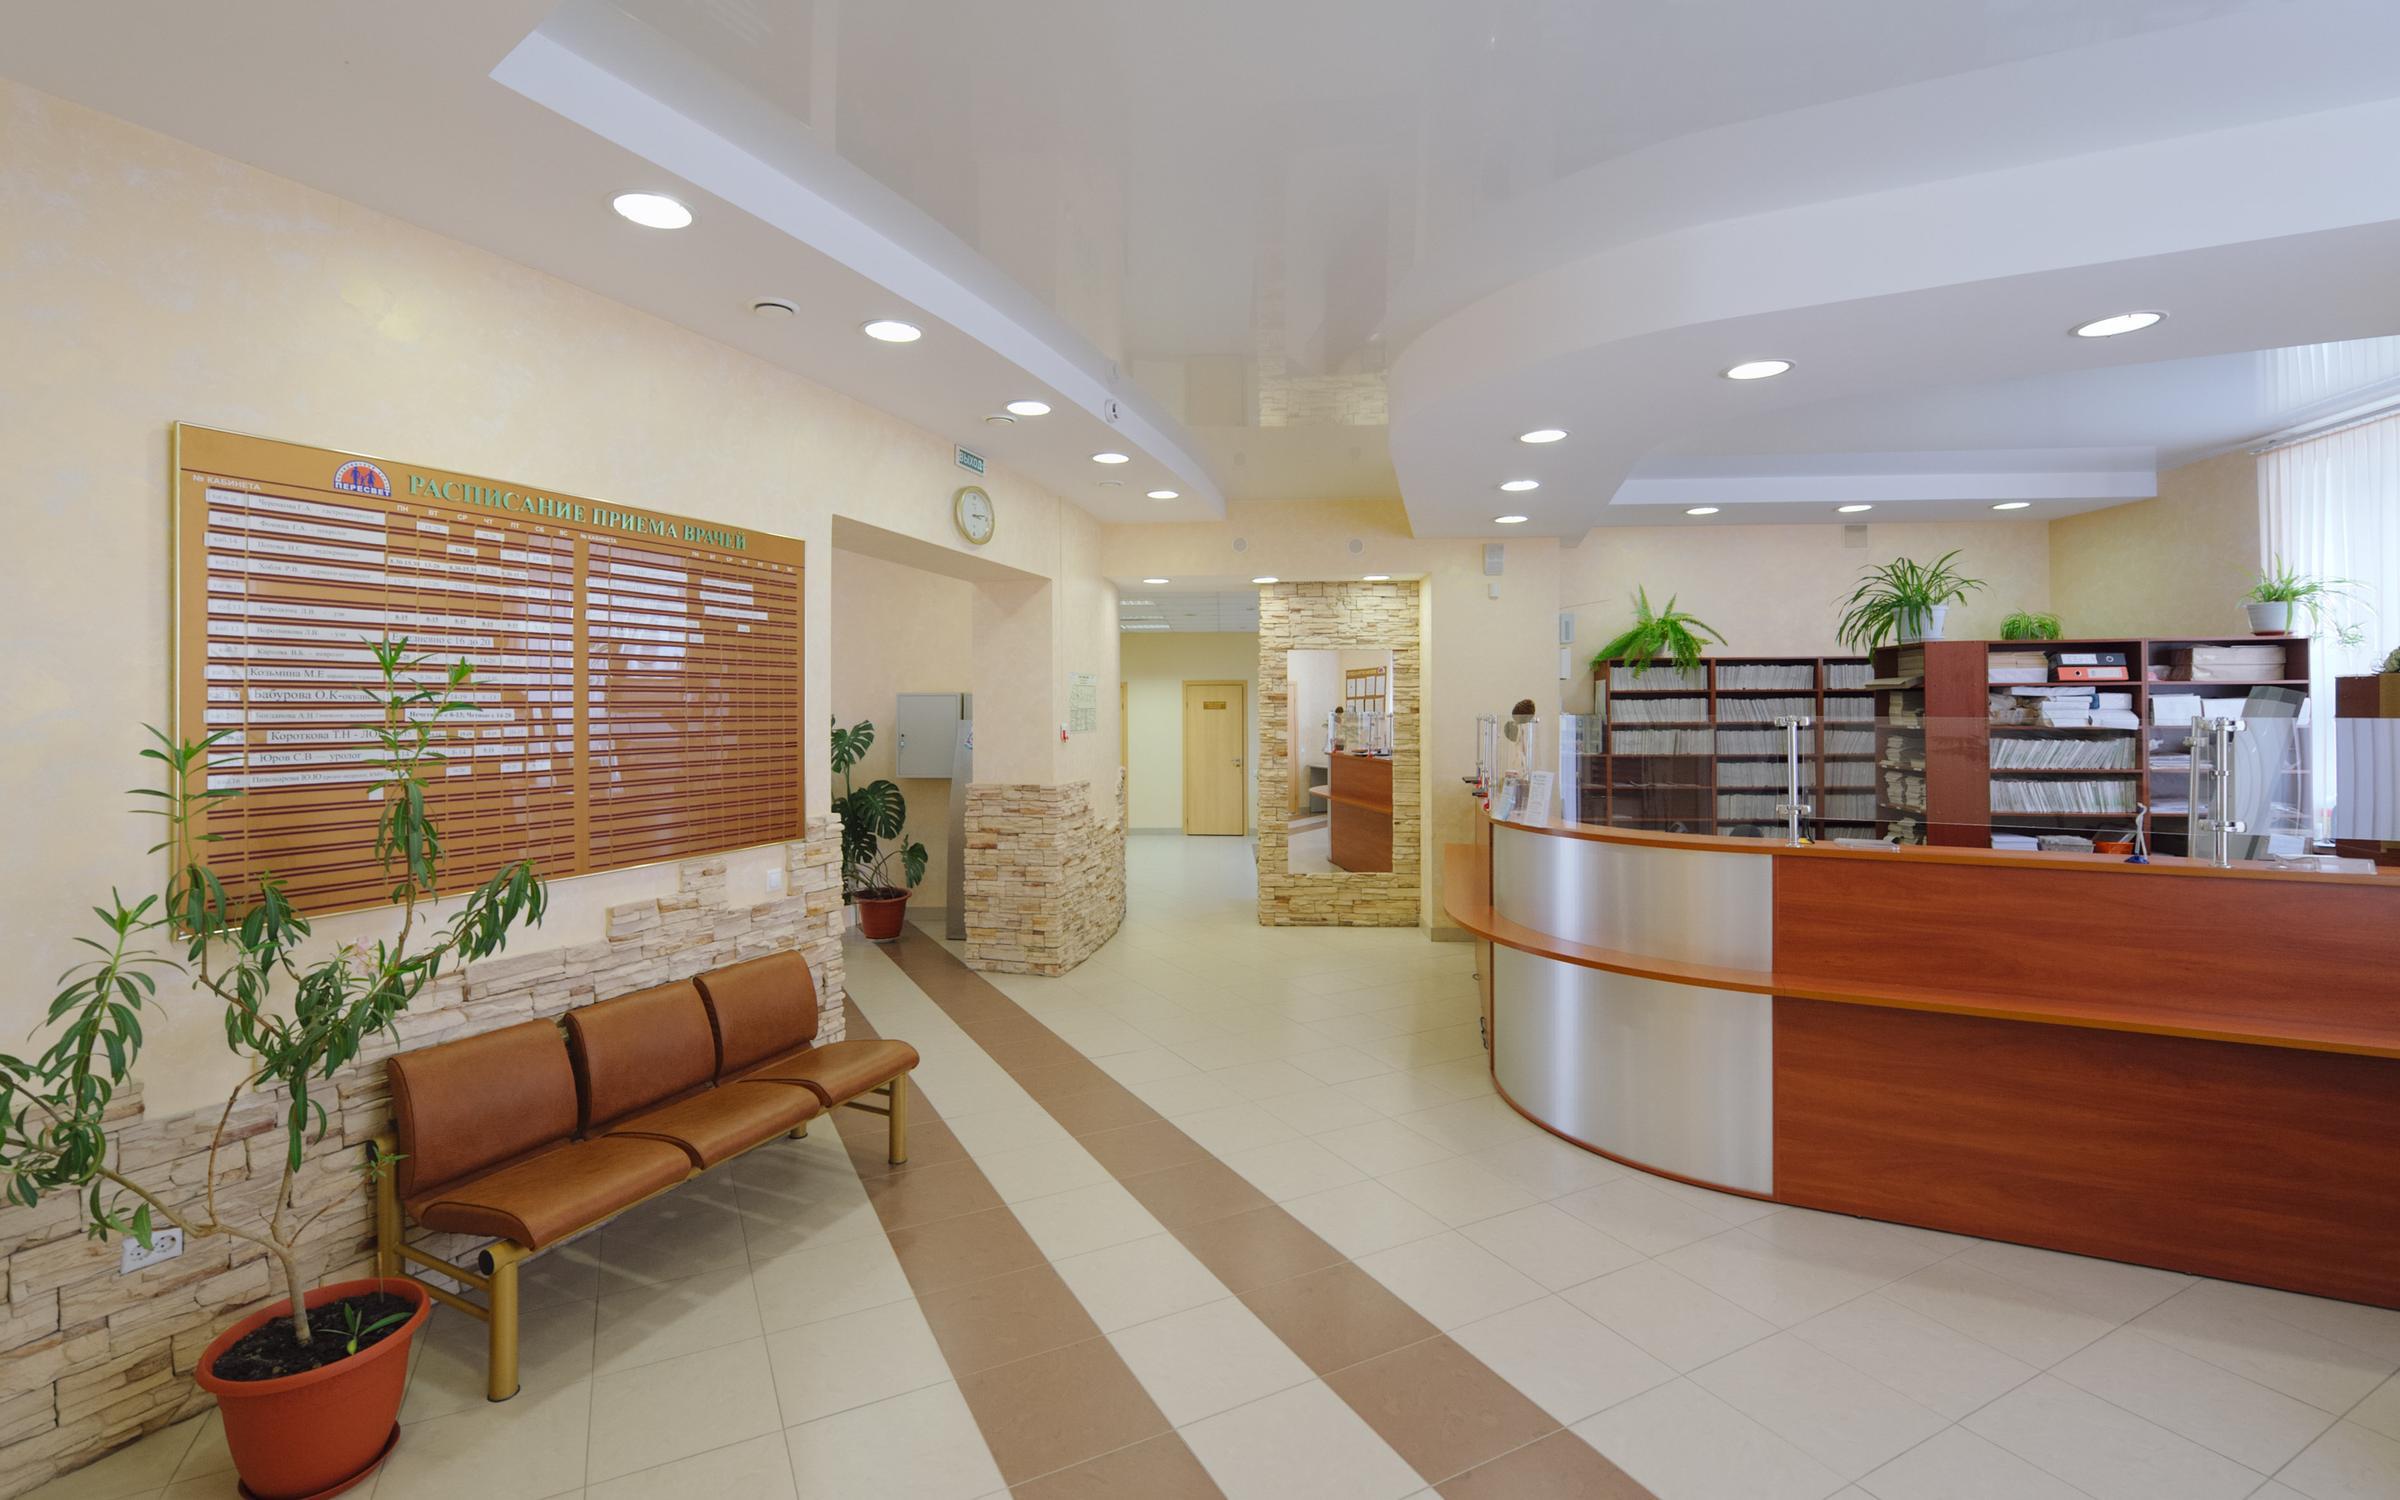 фотография Лечебно-диагностического центра ПЕРЕСВЕТ на Ленинском проспекте